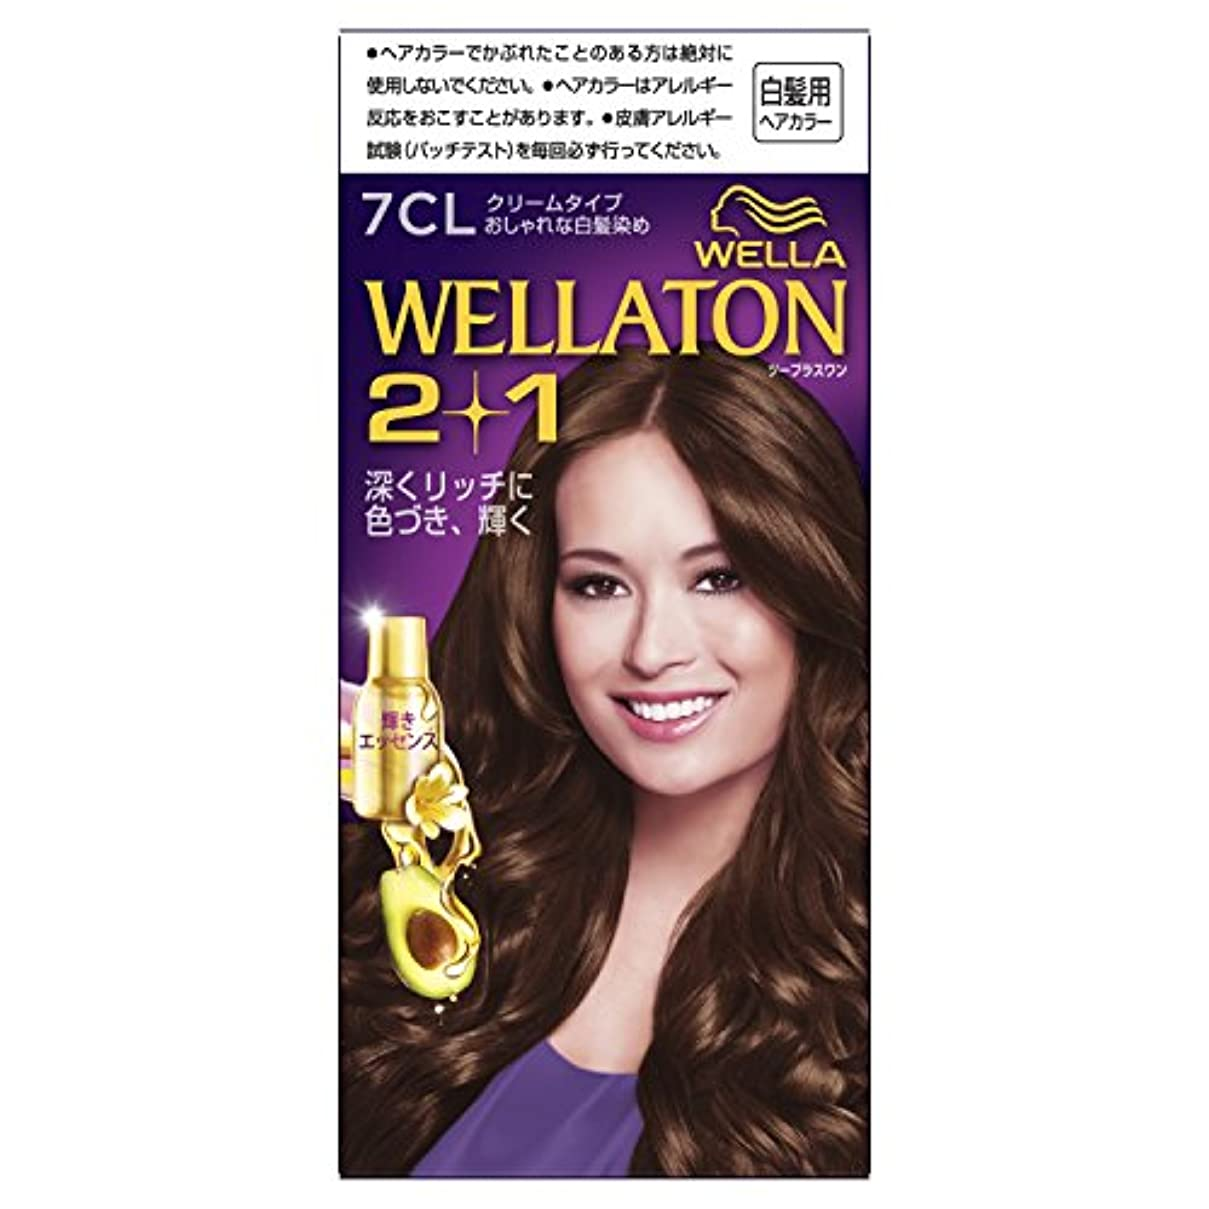 酔っ払い橋装置ウエラトーン2+1 クリームタイプ 7CL [医薬部外品](おしゃれな白髪染め)